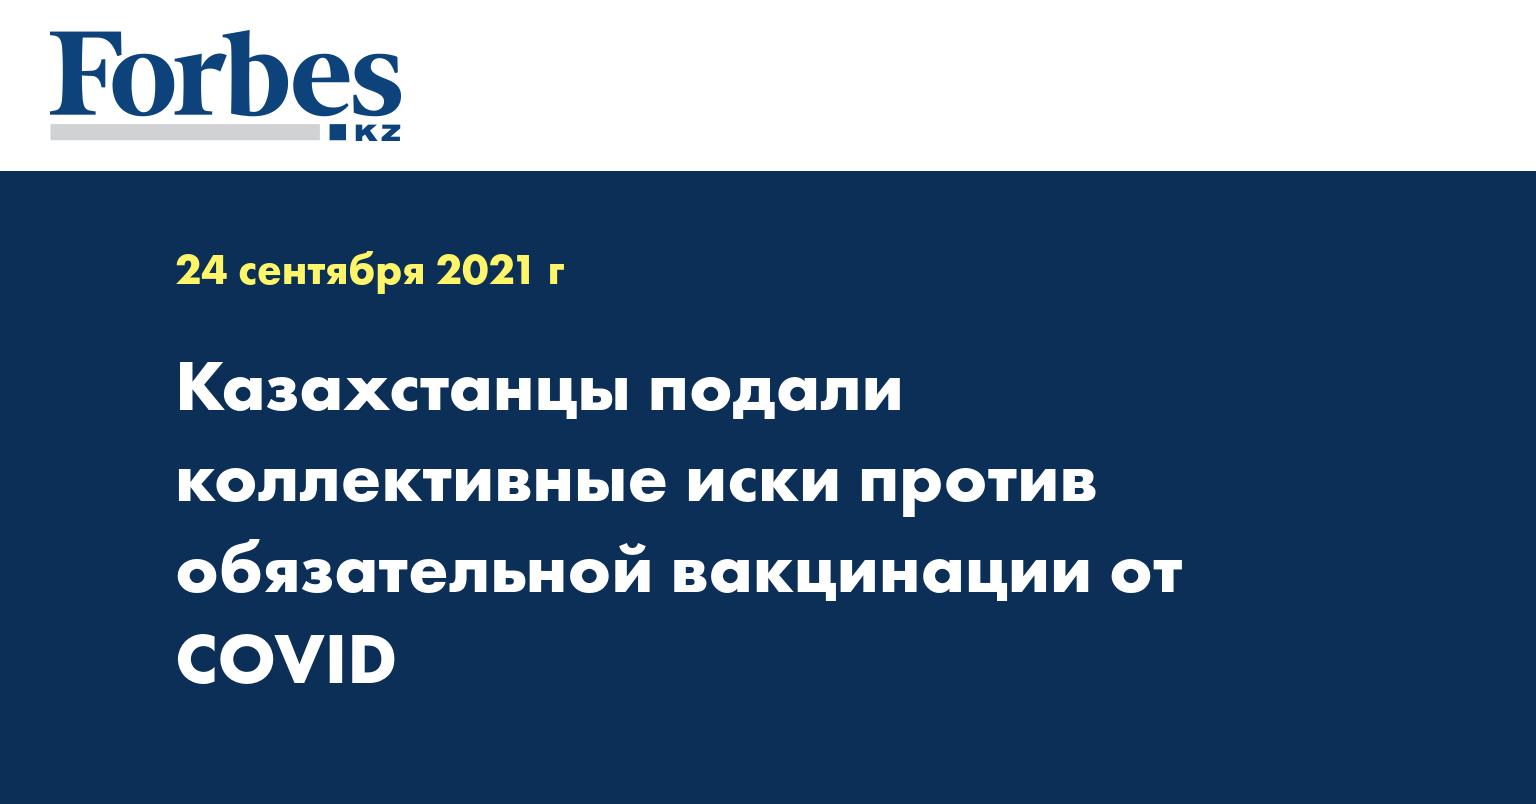 Казахстанцы подали коллективные иски против обязательной вакцинации от COVID